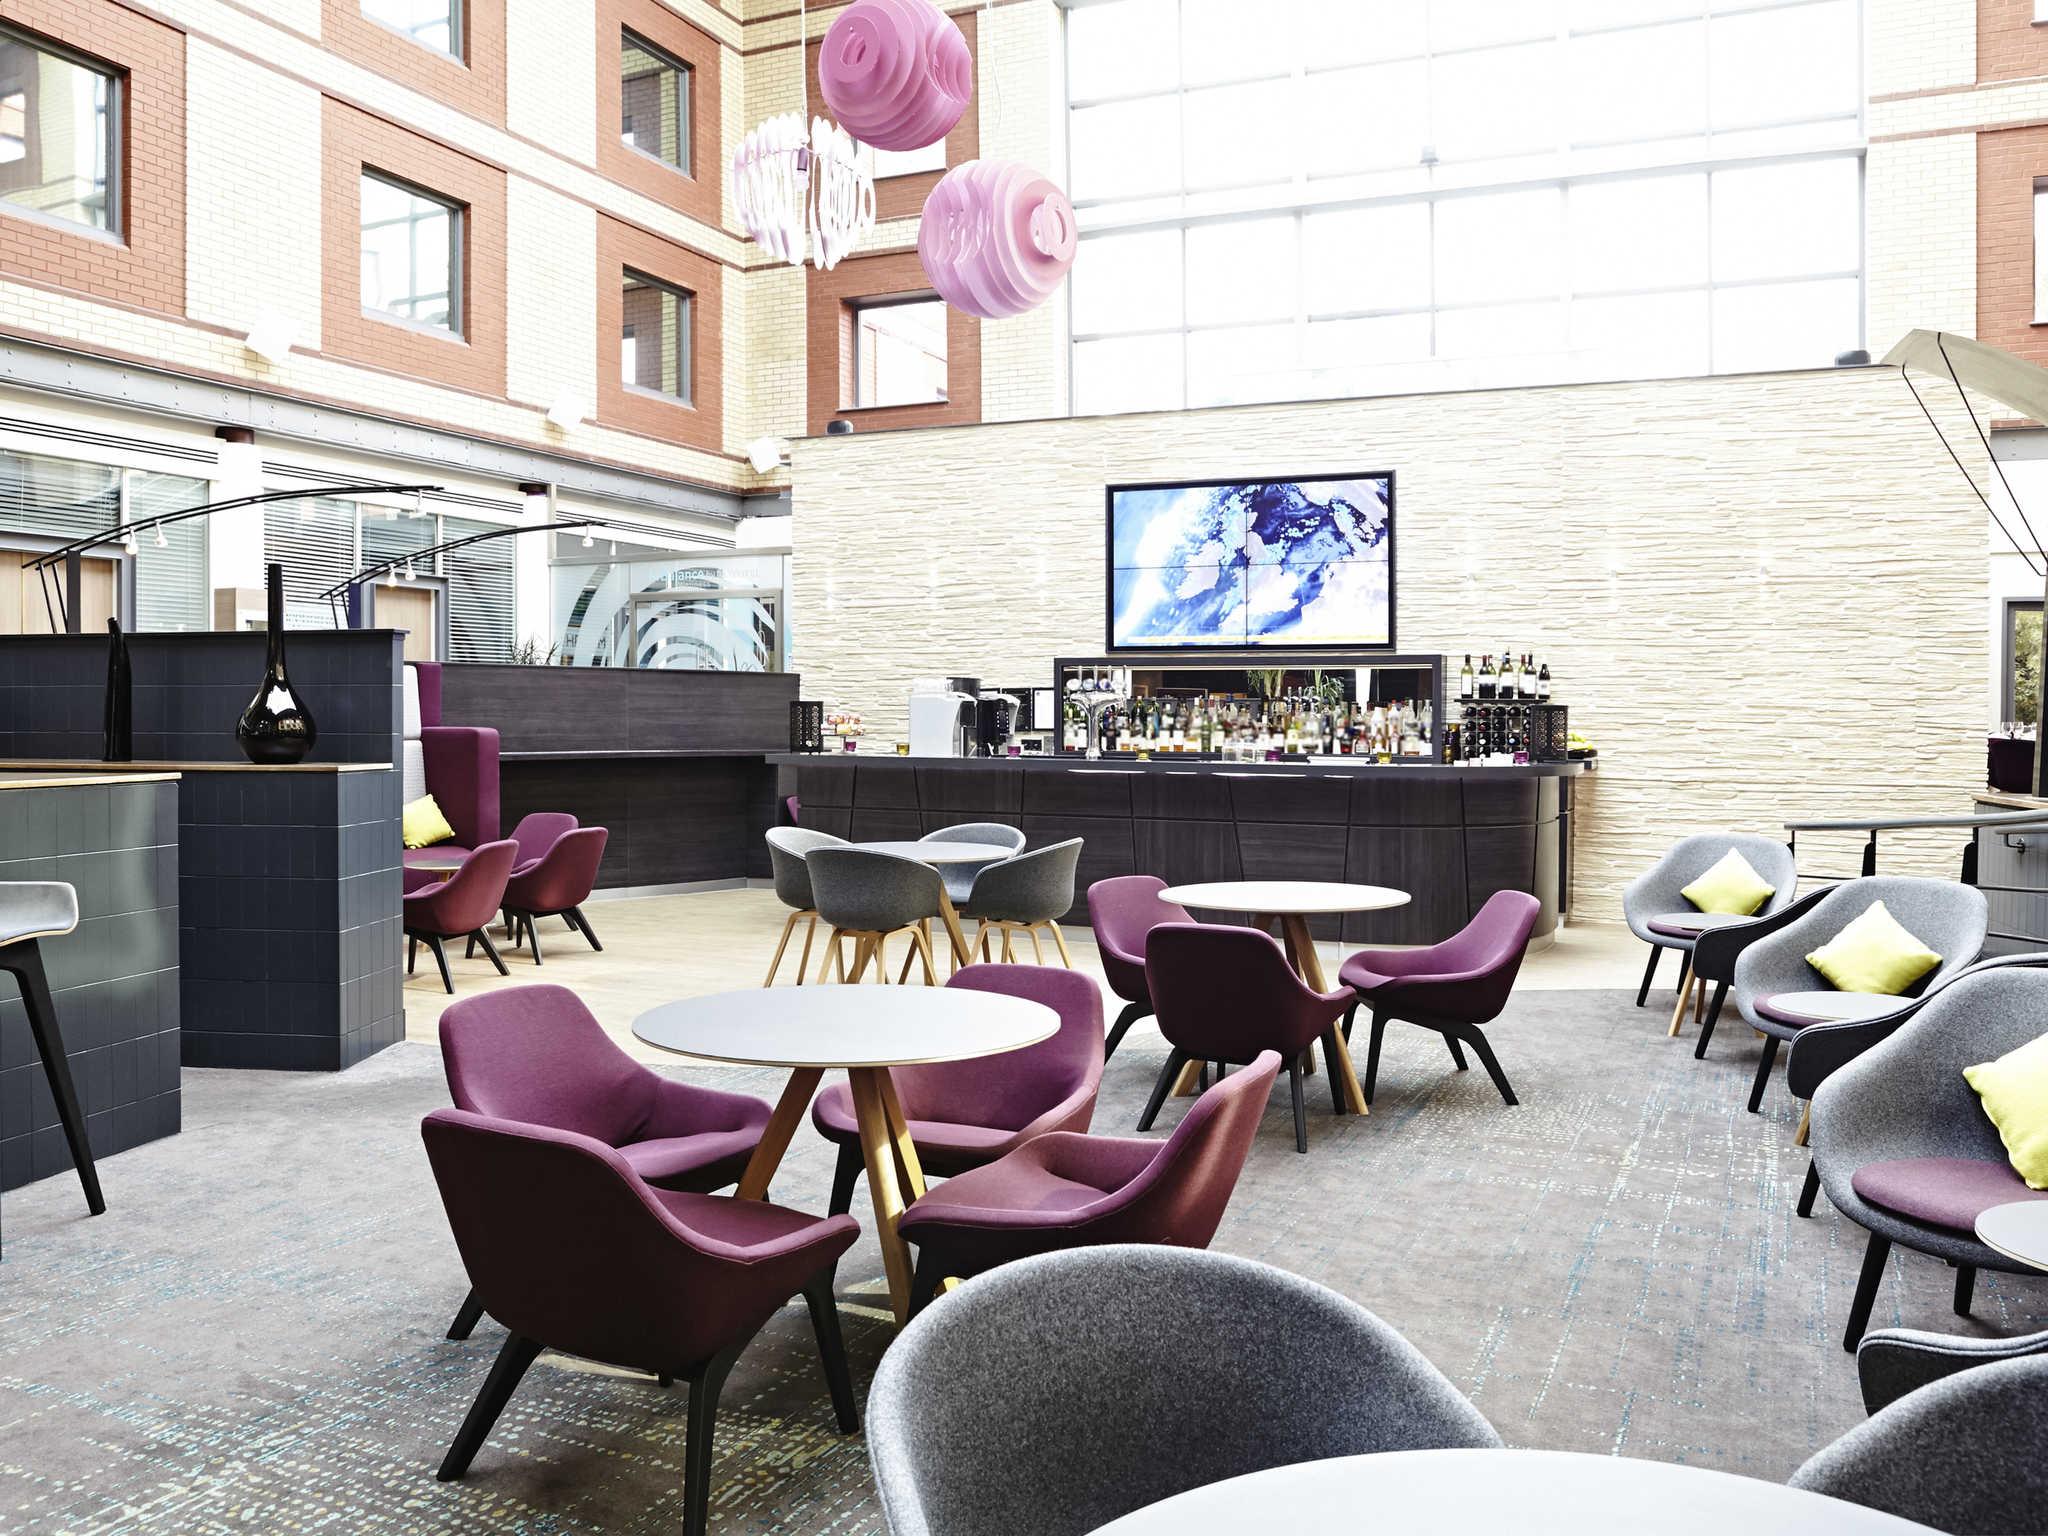 호텔 – Novotel London Heathrow Airport - M4 Jct 4